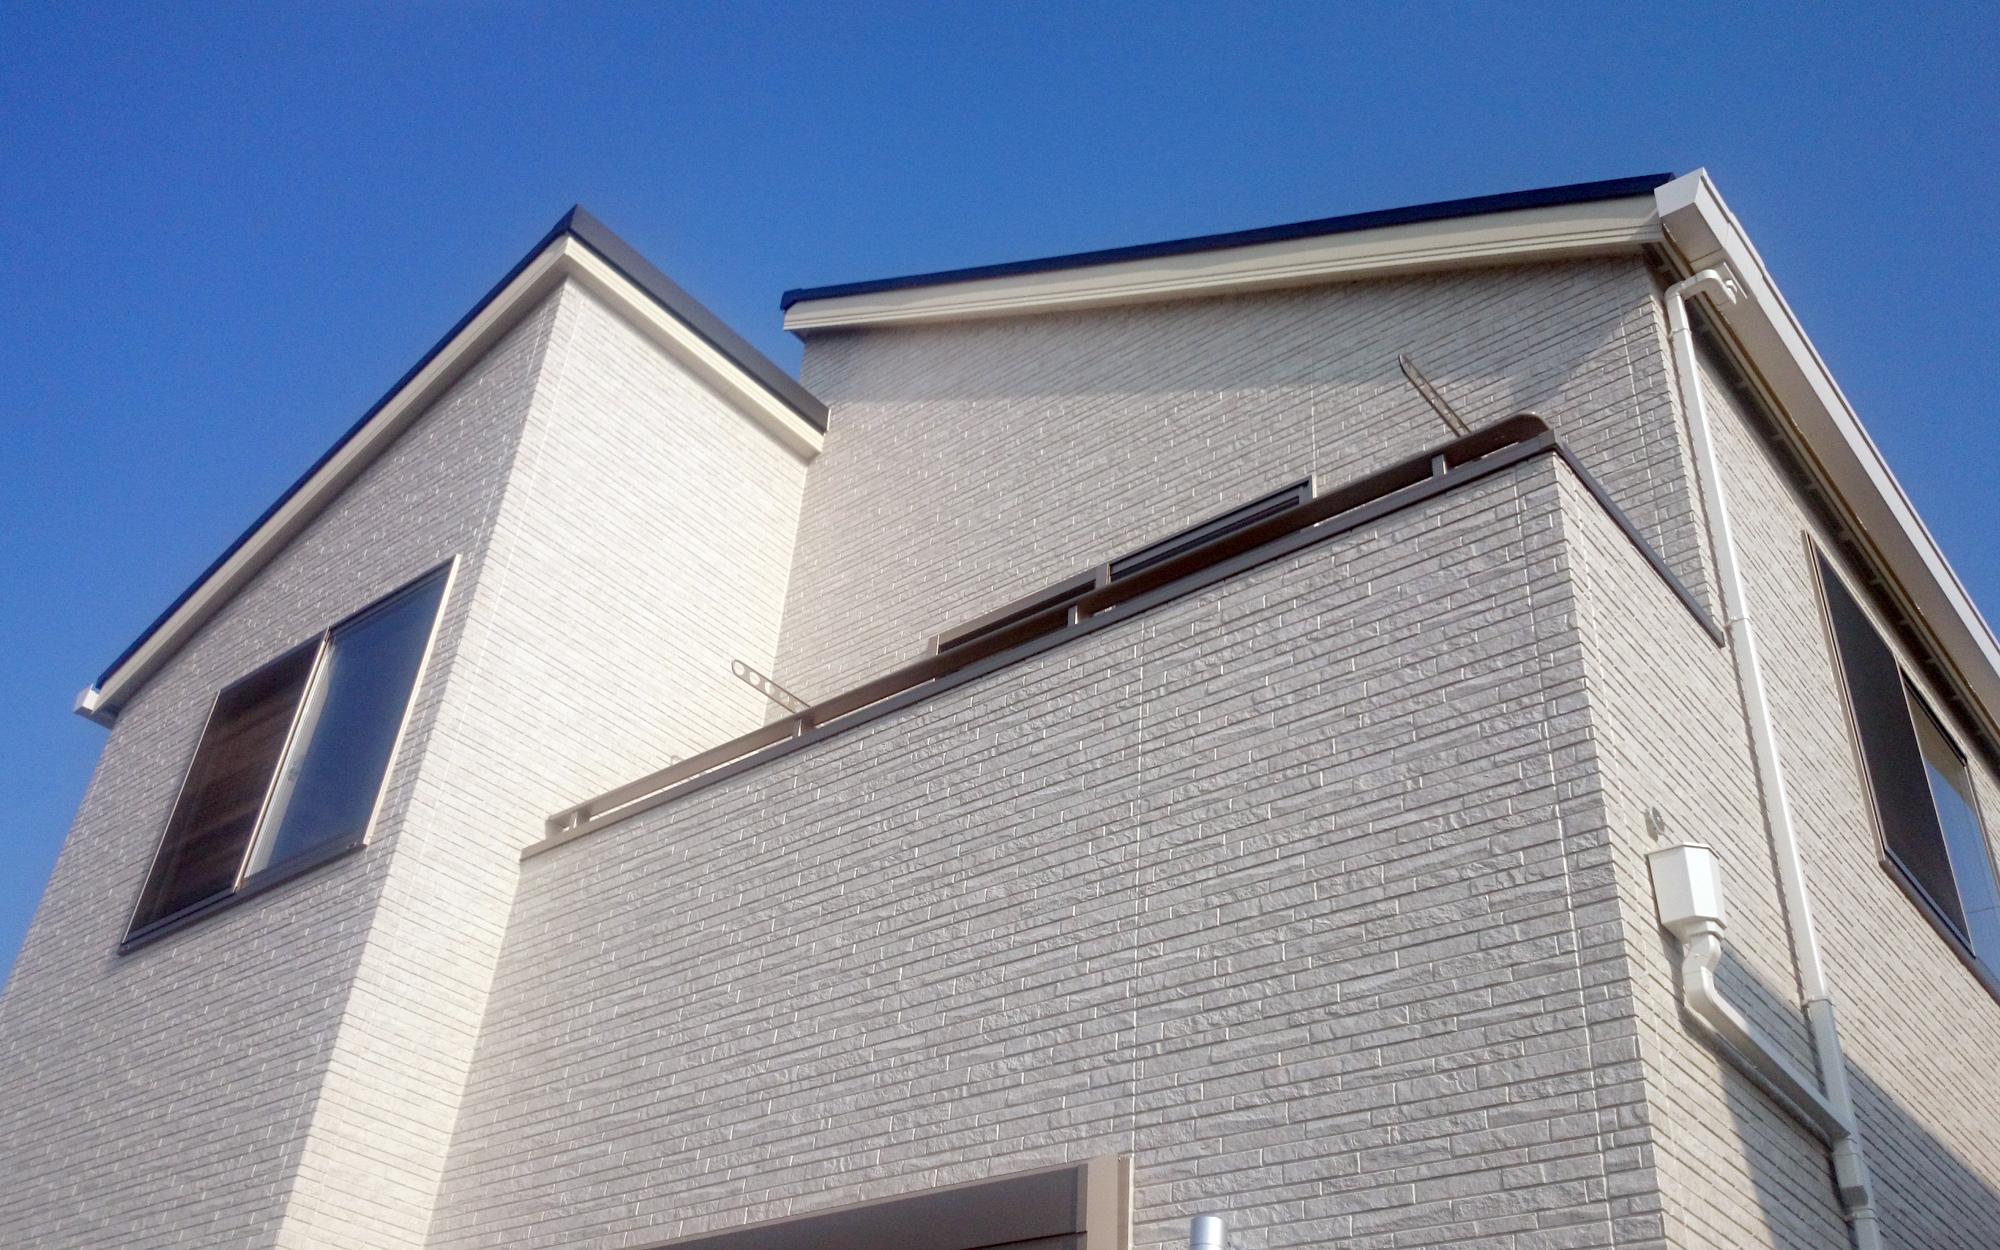 段違いの片流れの屋根はどの角度から見てもかっこよくなっています。